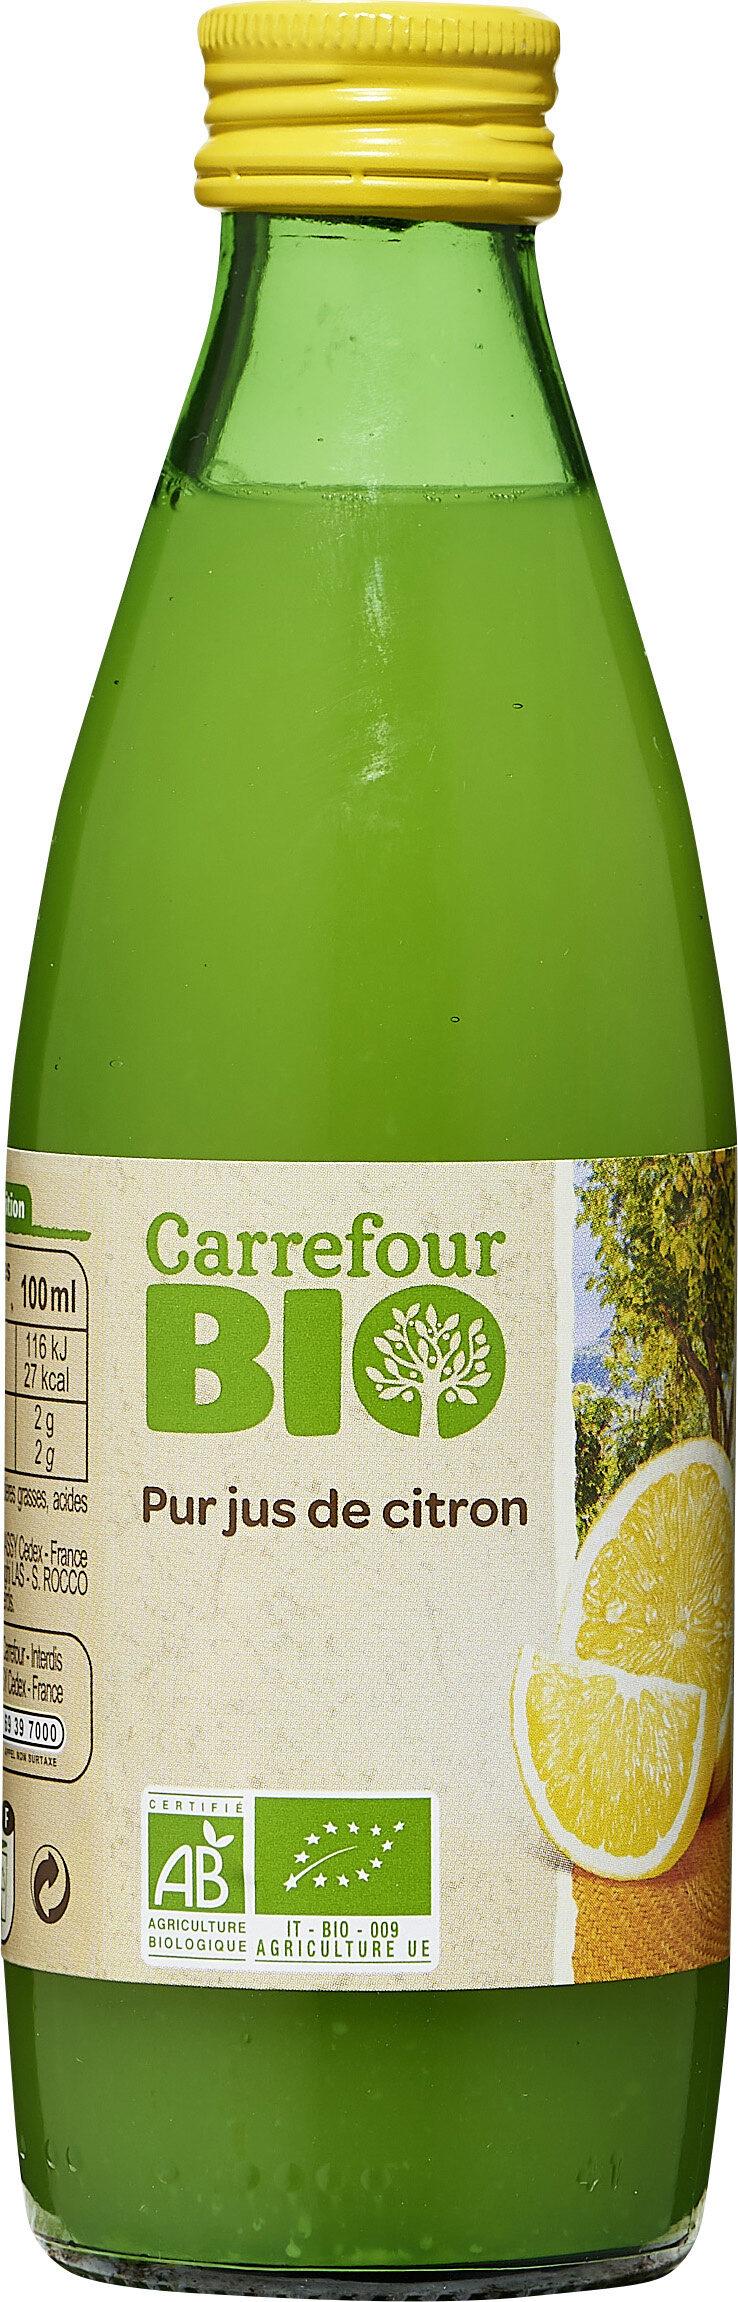 jus de citron CARREFOUR BIO - Produit - fr